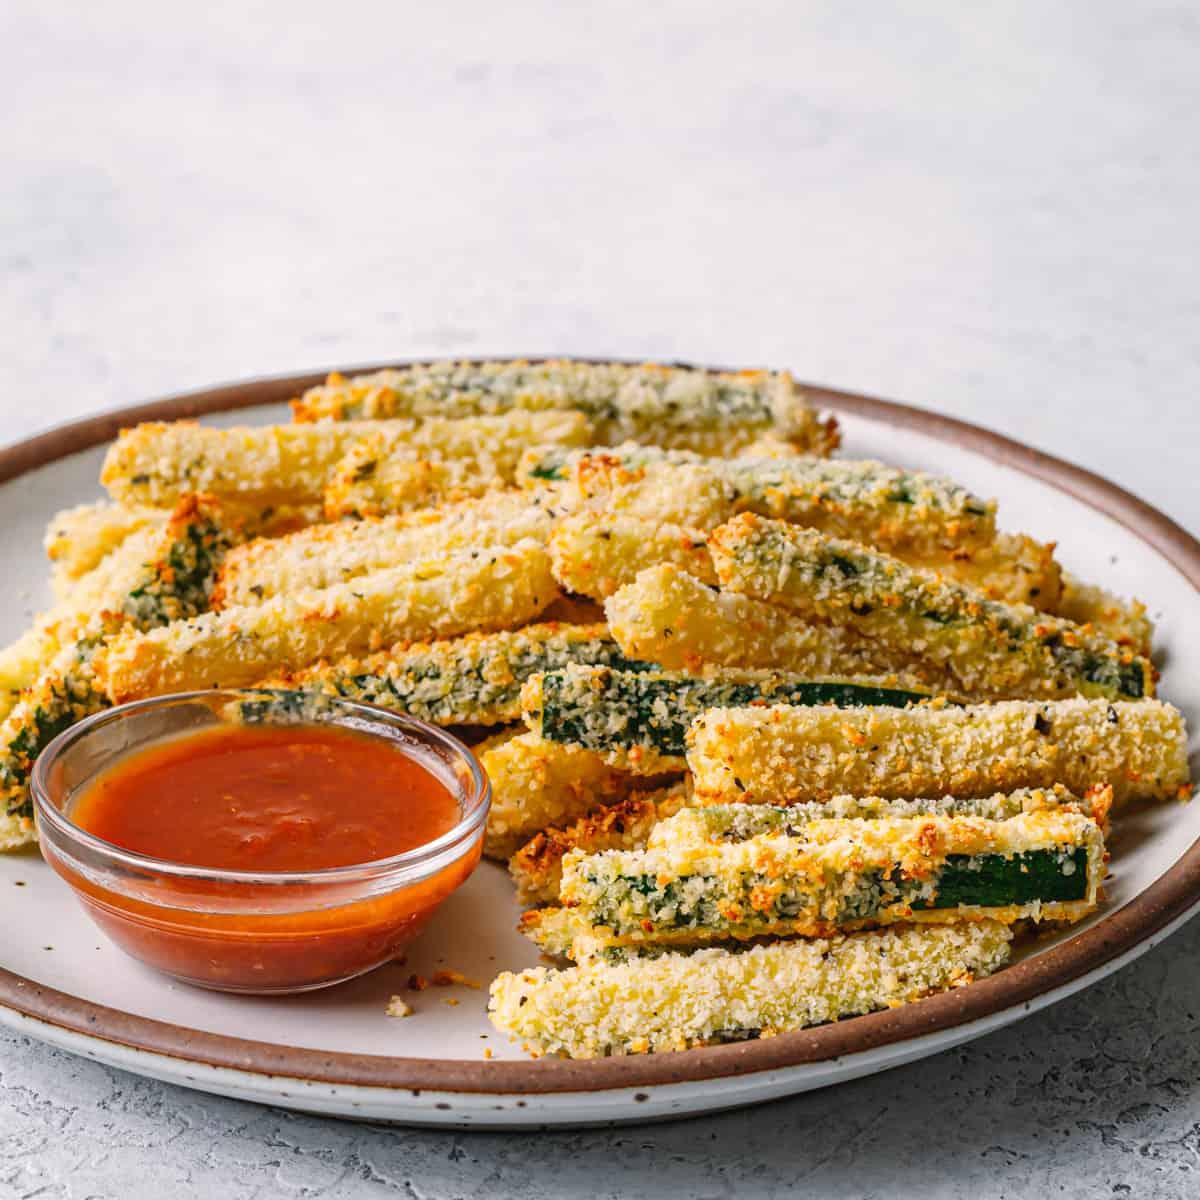 zucchini fries air fryer